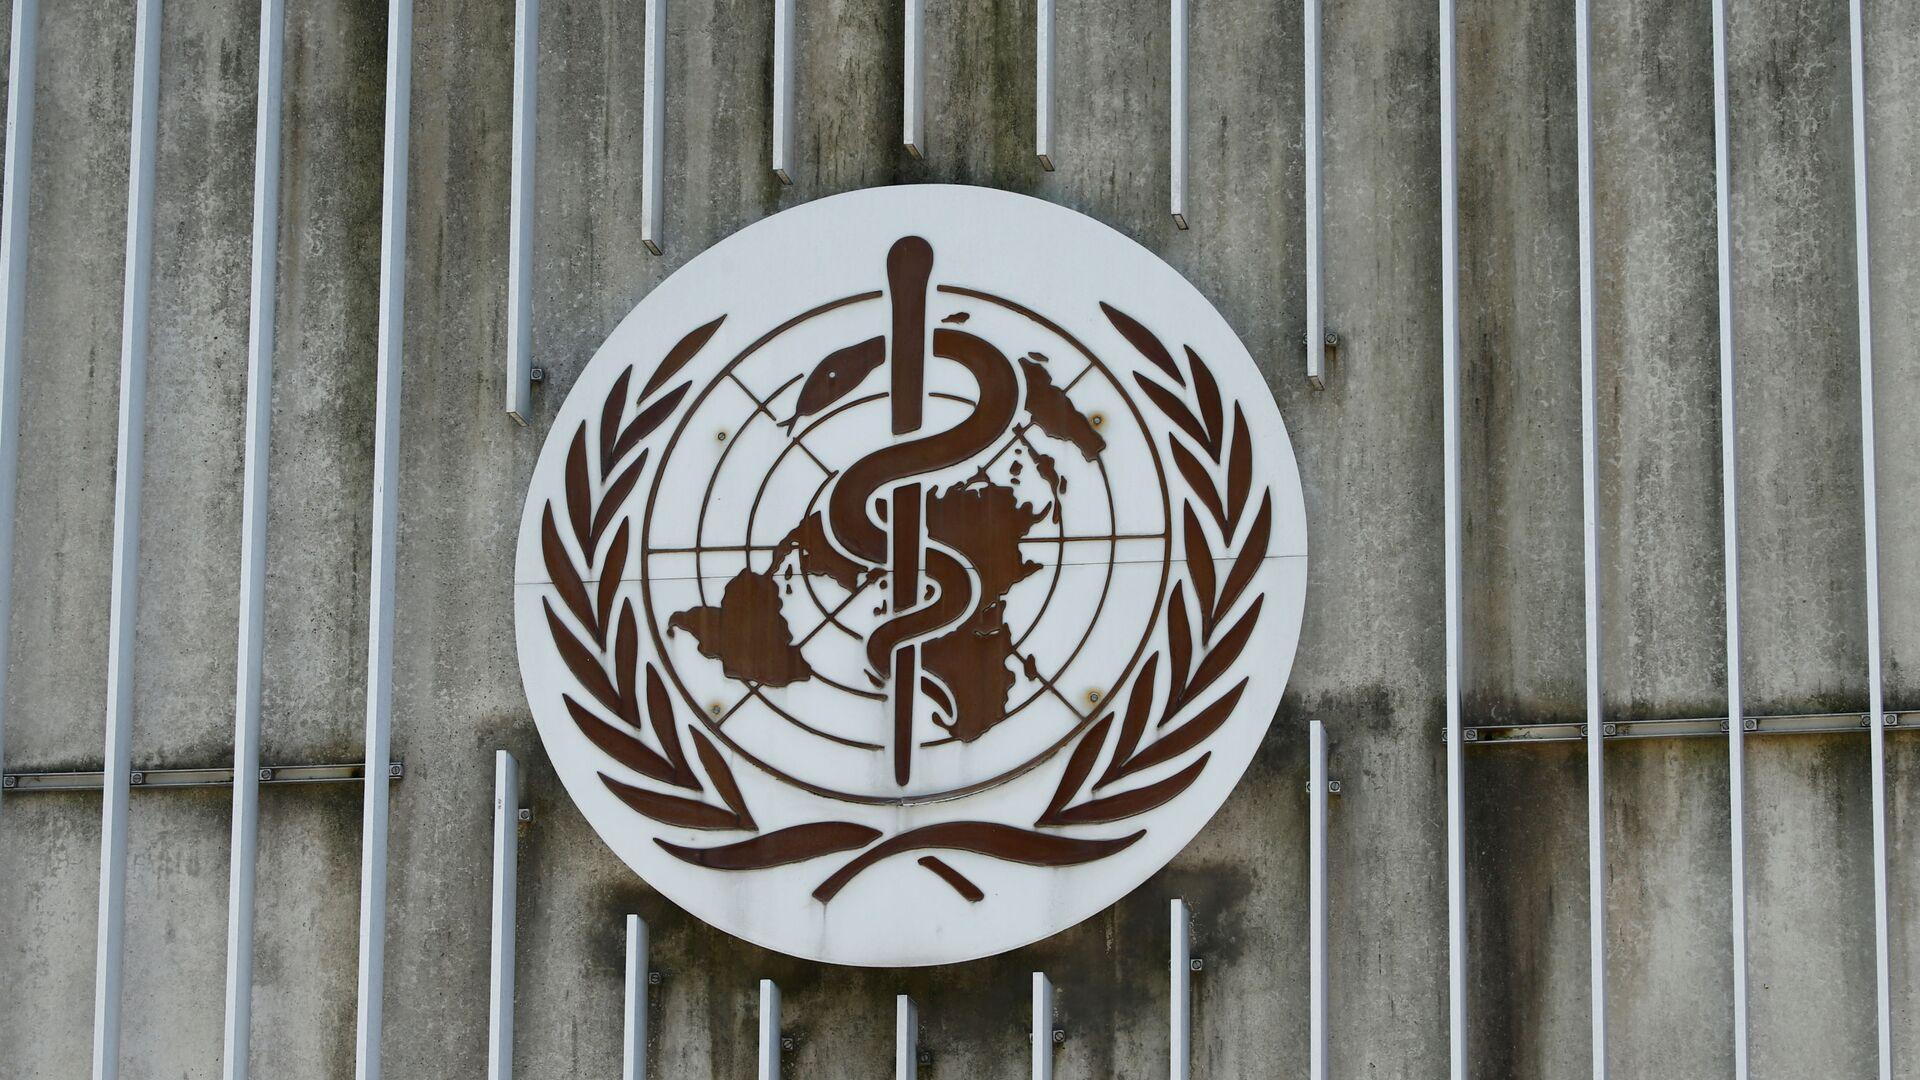 Dünya Sağlık Örgütü (DSÖ) - Sputnik Türkiye, 1920, 26.07.2021